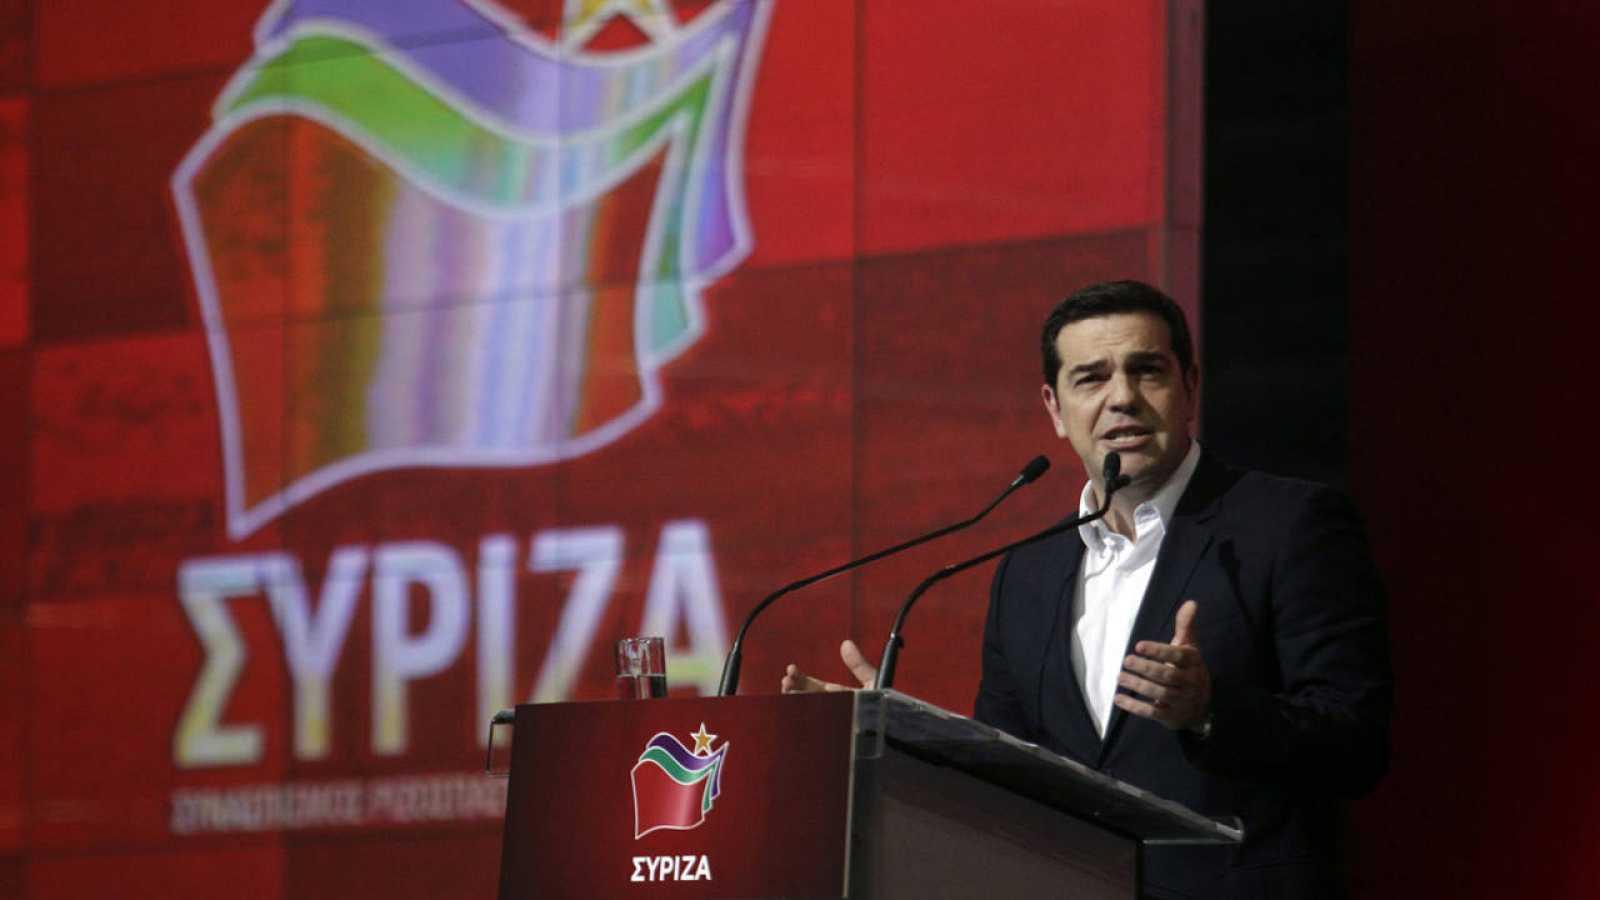 El primer ministro griego, Alexis Tsipras, durante un acto por el anuversario de su primer año del gobierno de Siriza